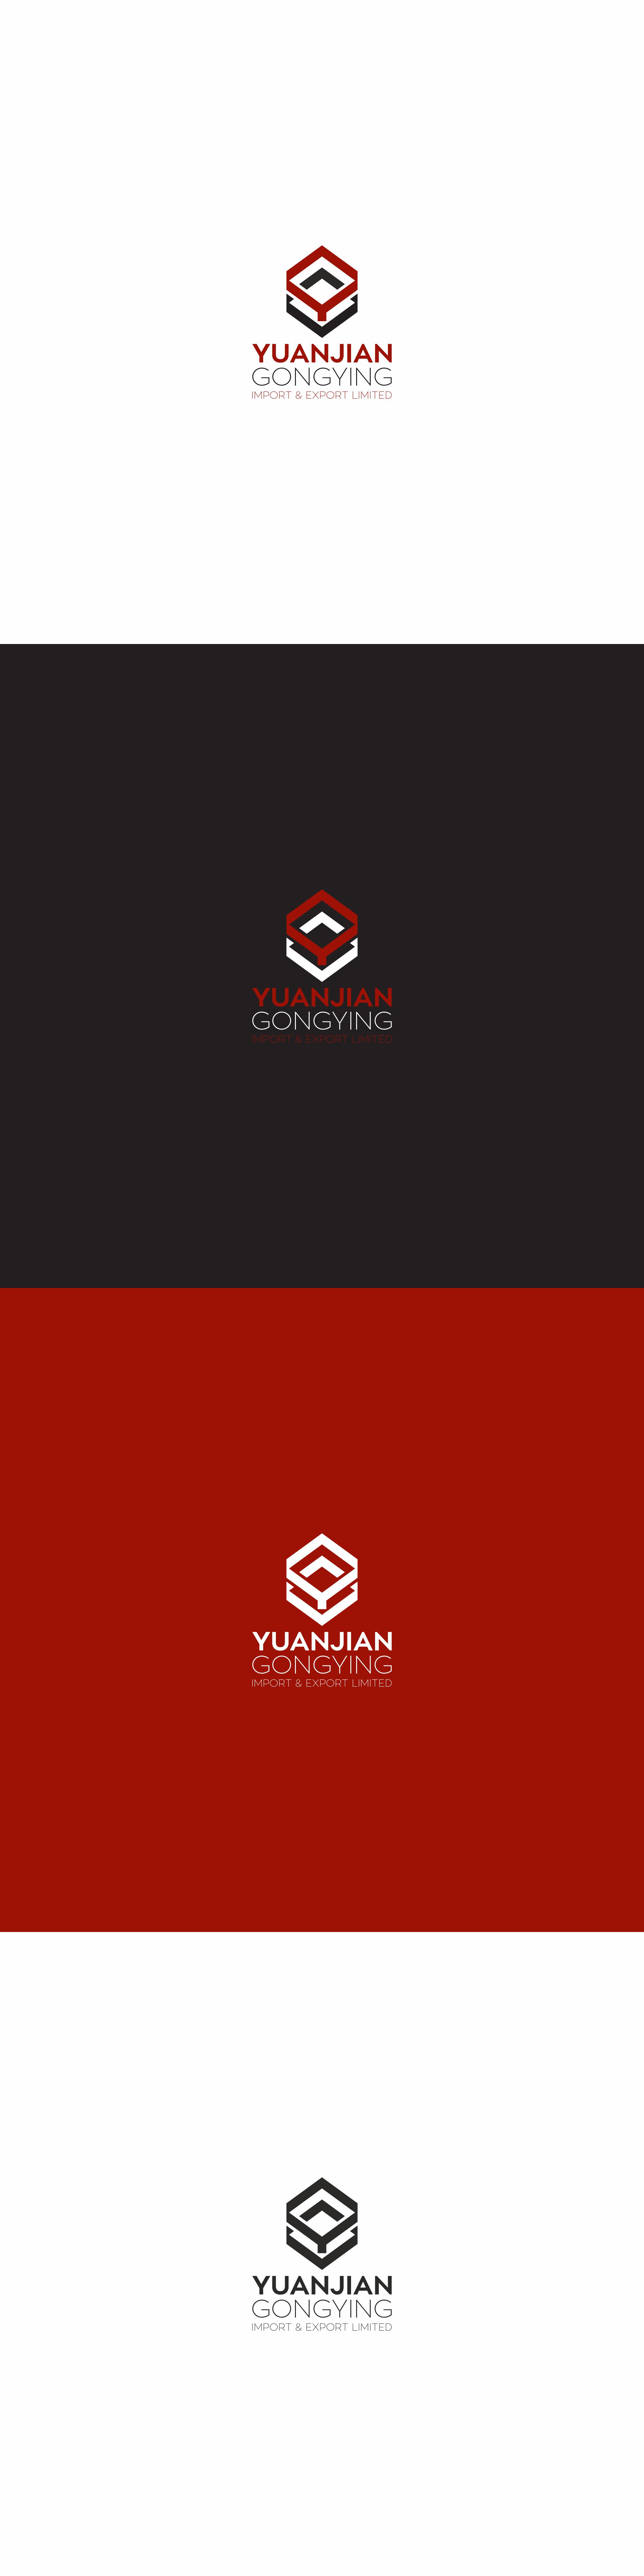 Логотип и фирменный стиль фото f_1955ae03e992f2a0.jpg